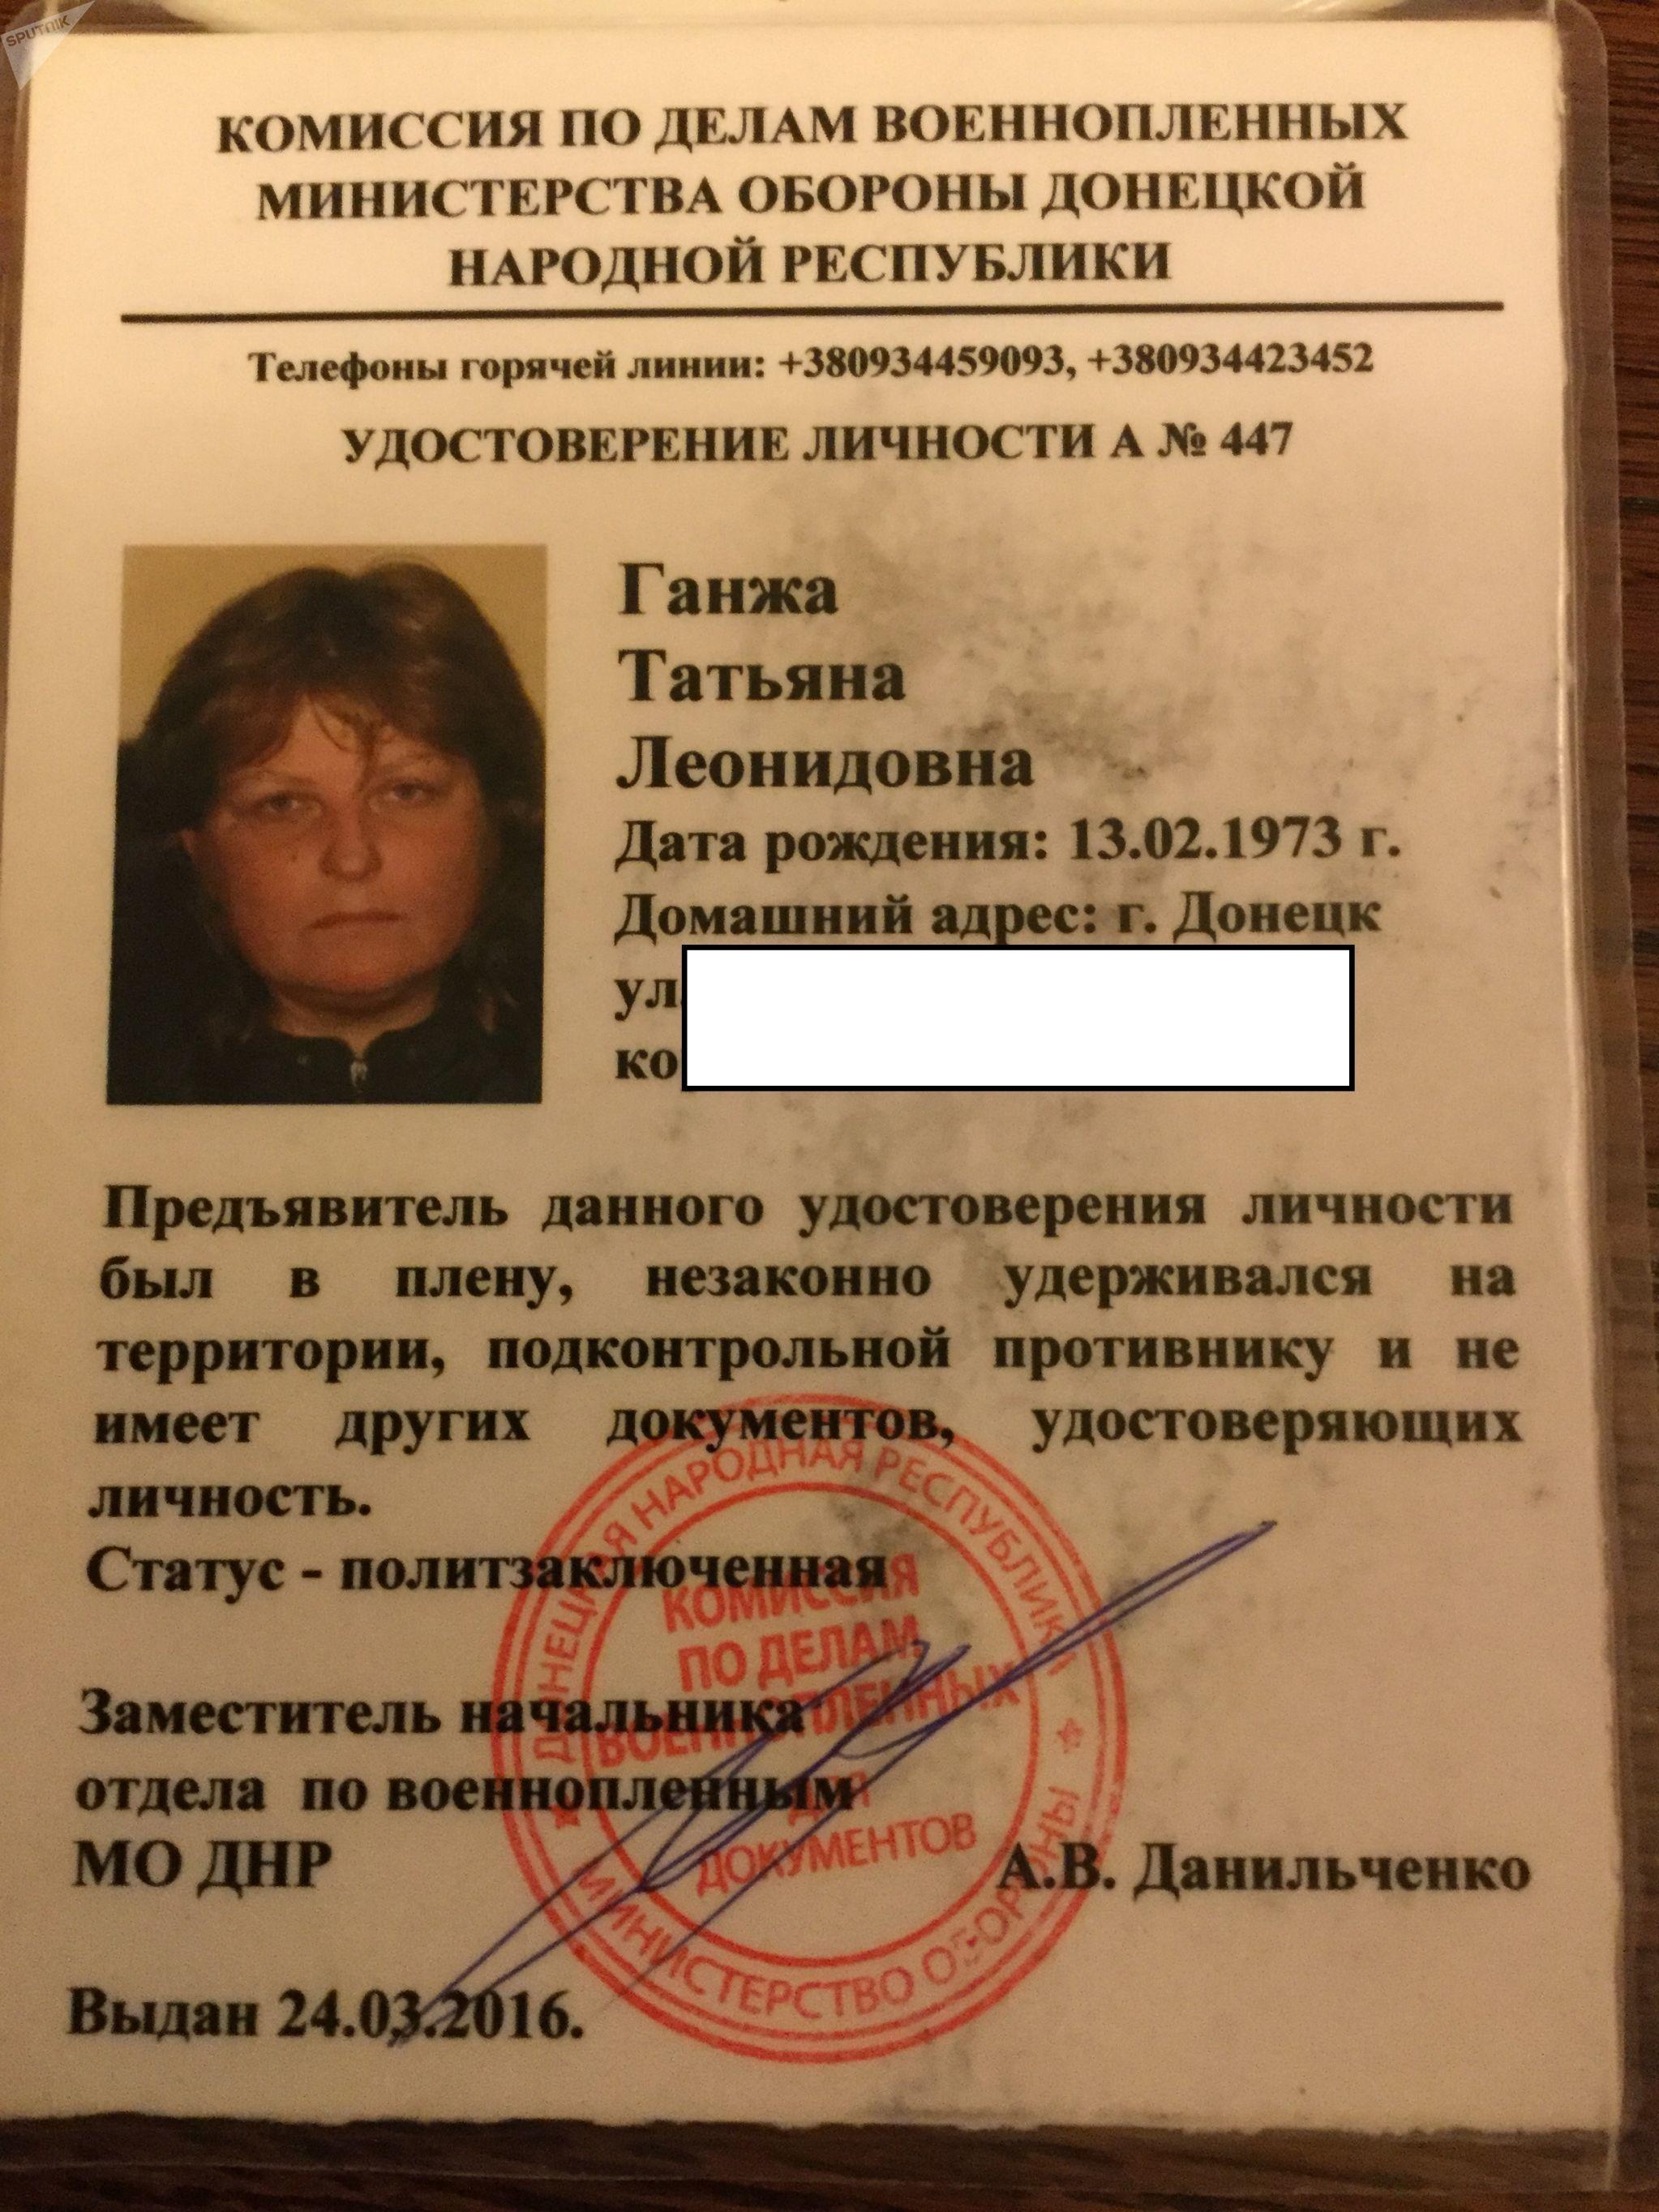 Ficha de identidad de Tatiana Ganzha, sobreviviente de una cárcel ucraniana clandestina en el aeropuerto ucraniano de Mariúpol